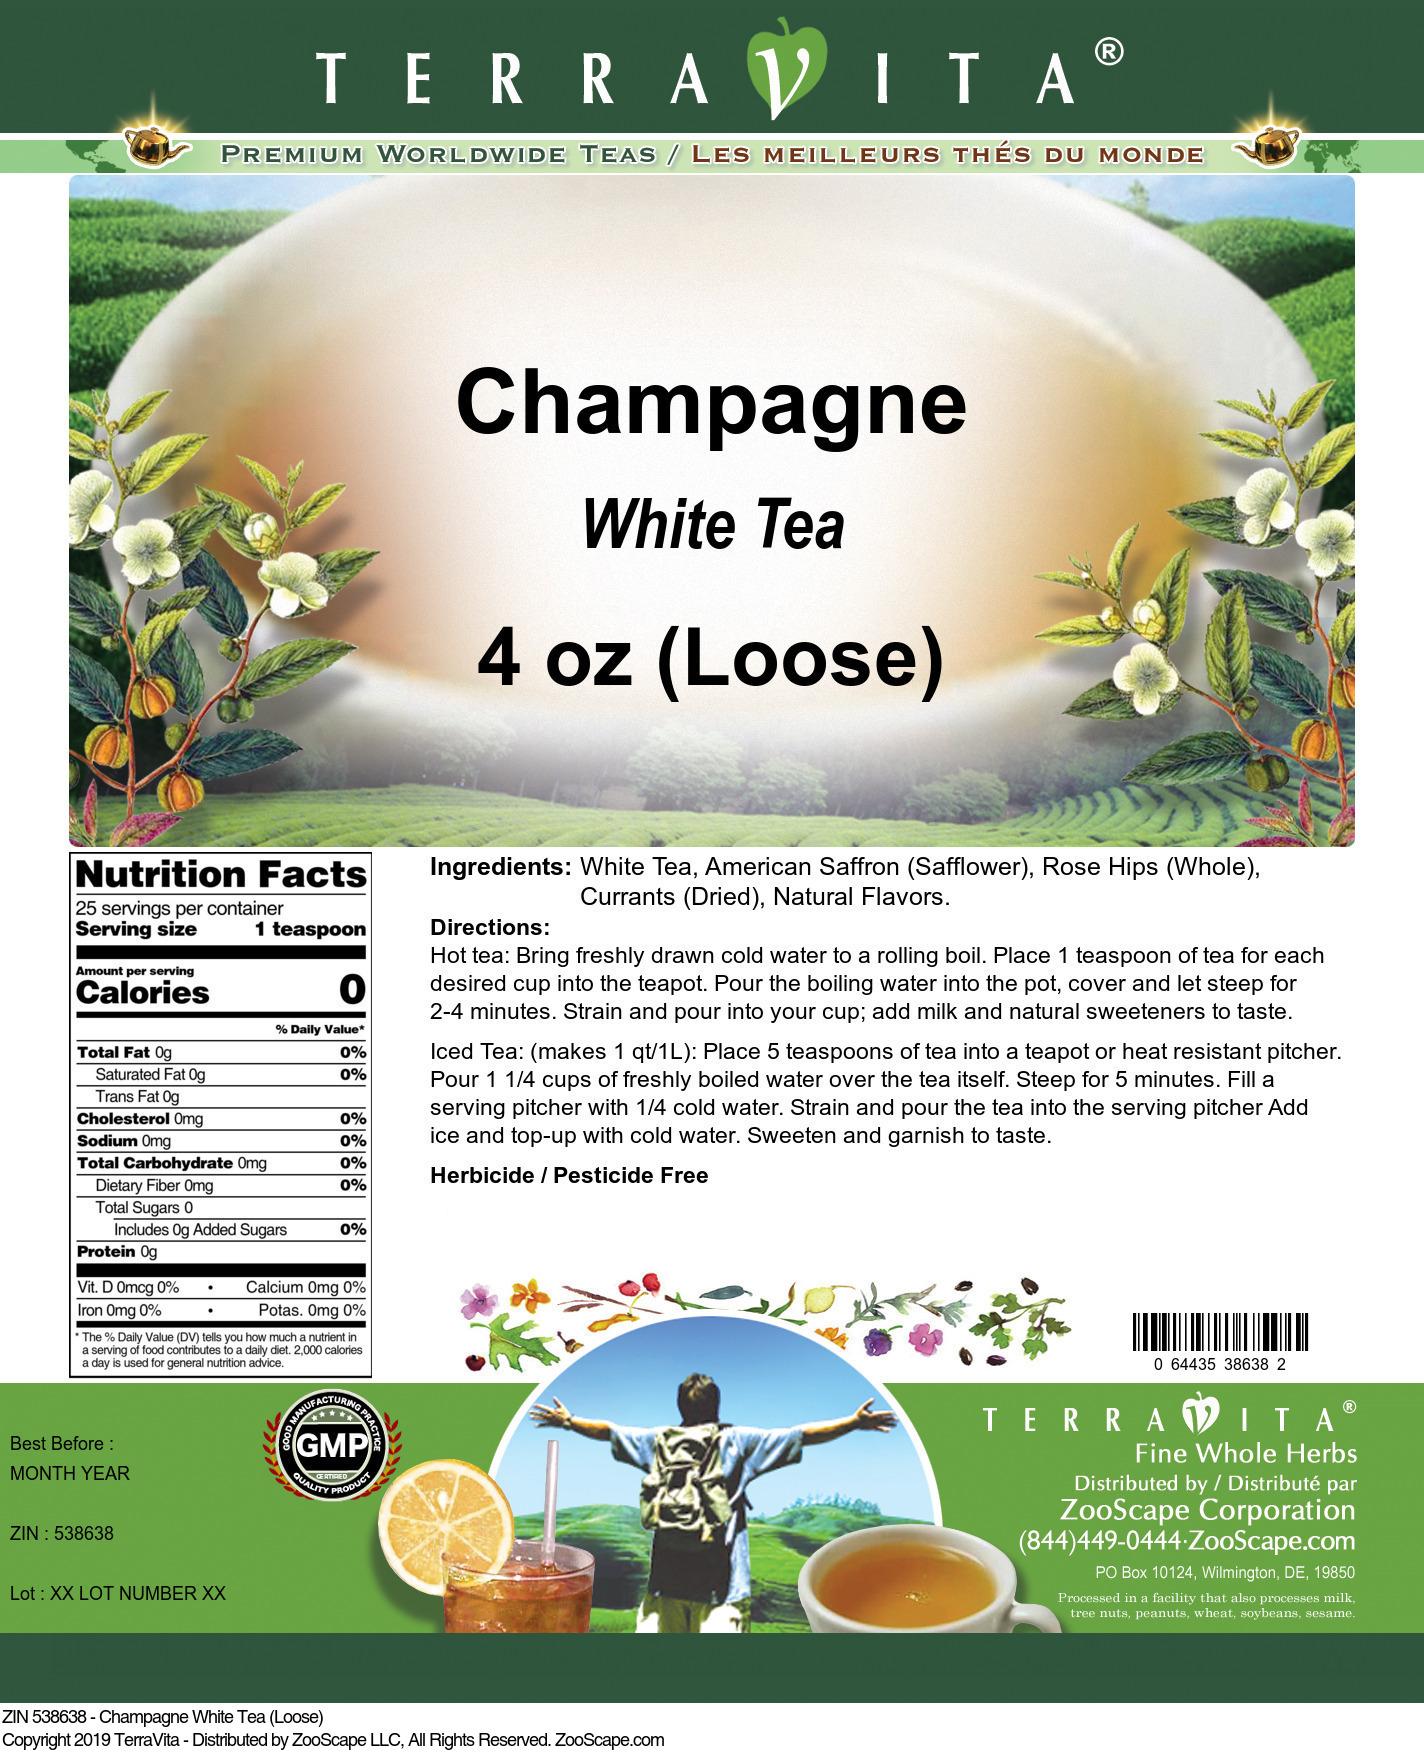 Champagne White Tea